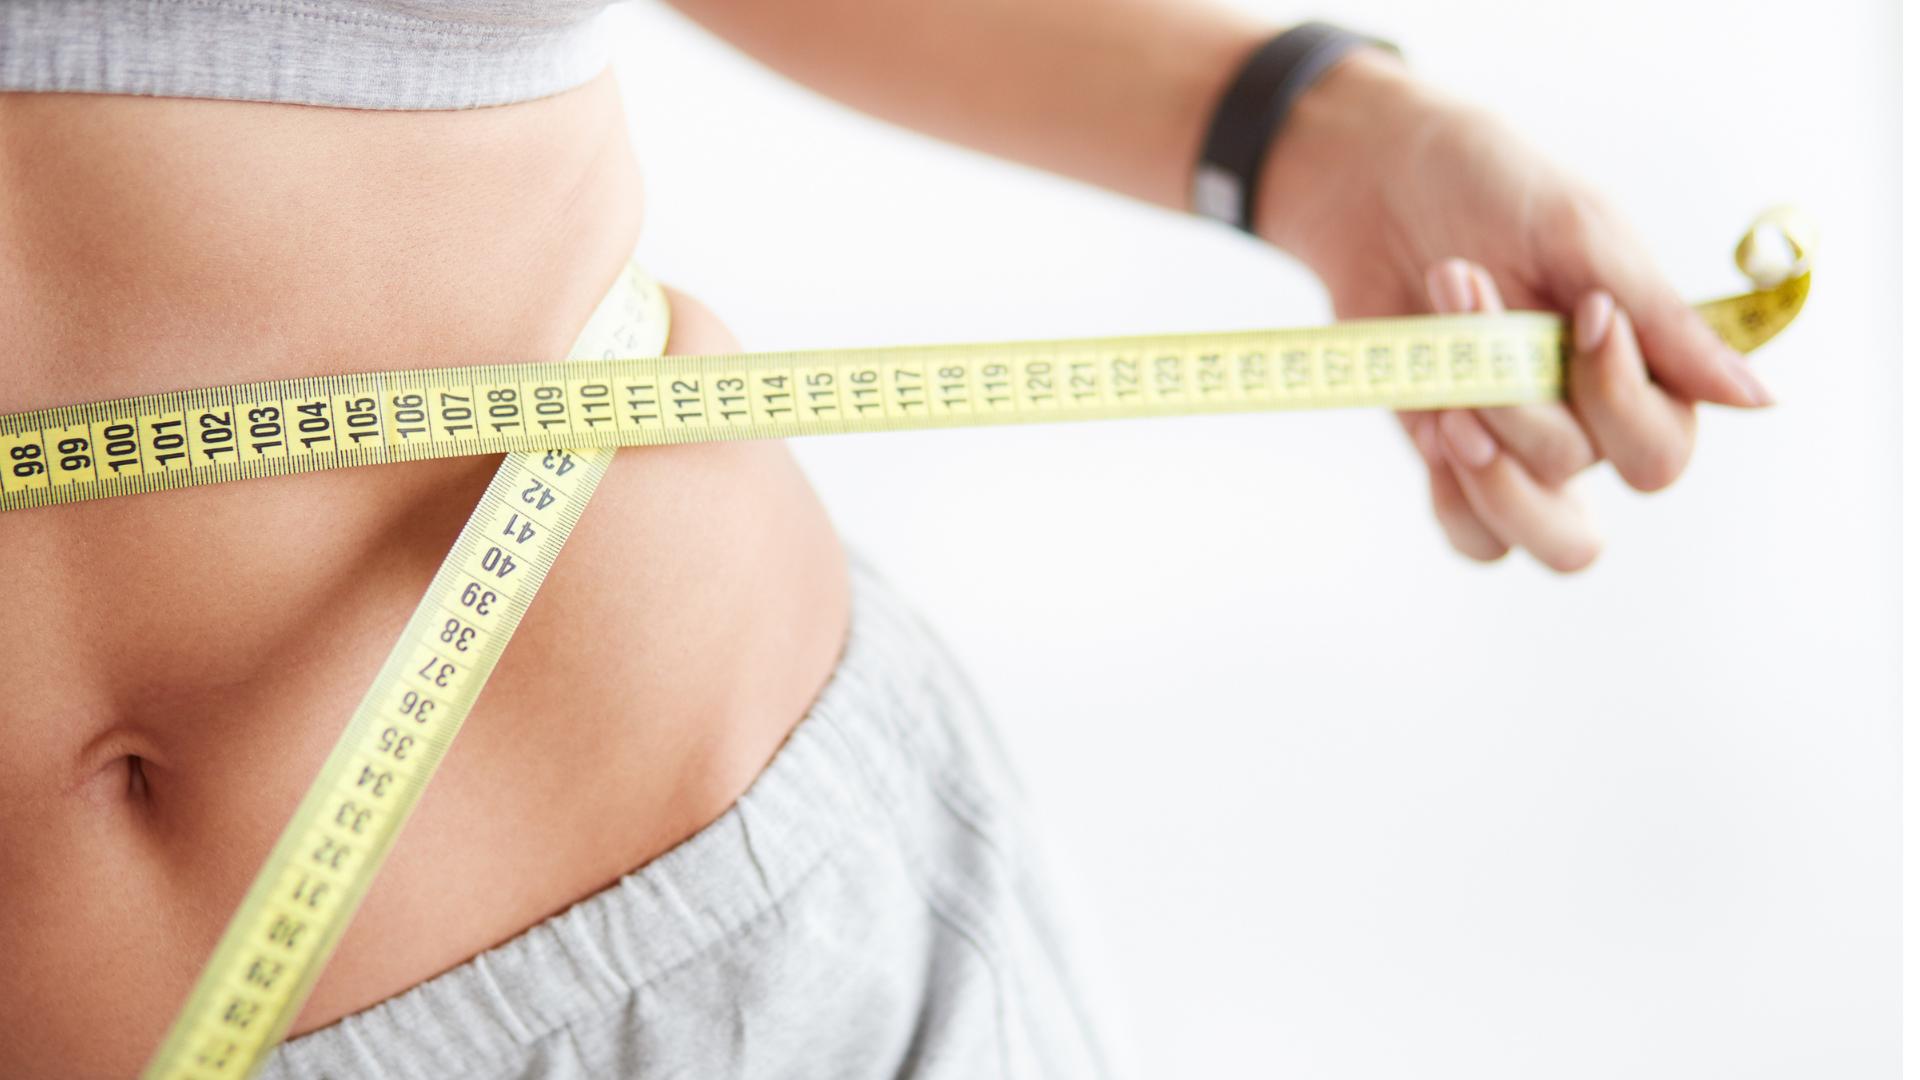 Dieta czy genetyka: co ma większy wpływ na kontrolę masy ciała?